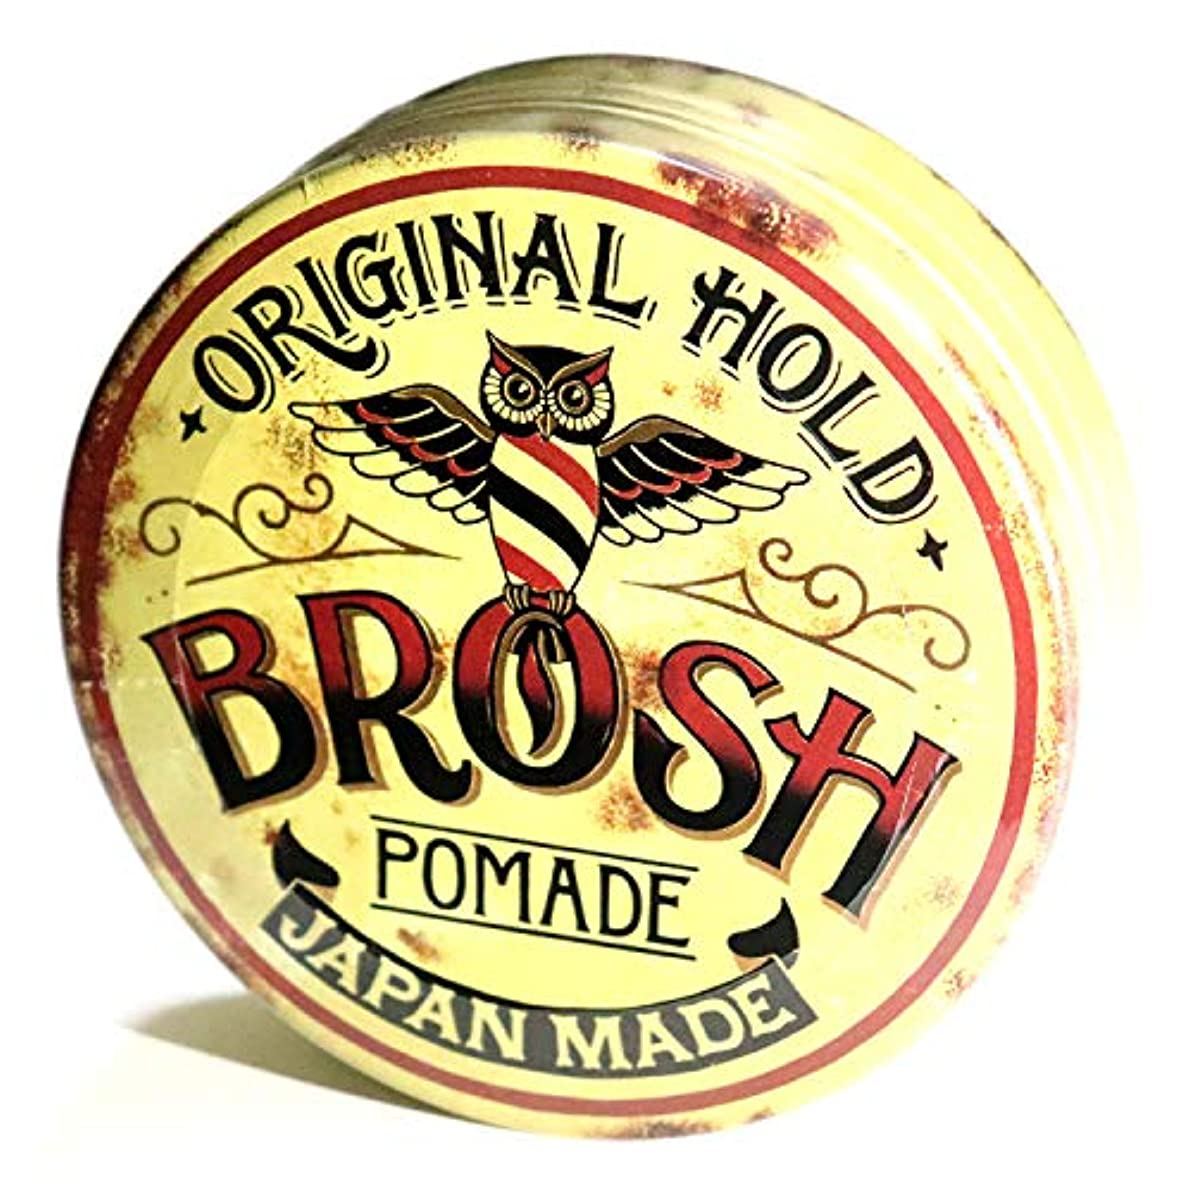 石の代わってコンプライアンスBROSH (ブロッシュ) BROSH POMADE ORIGINAL HOLD 115g 水性ポマード 整髪料